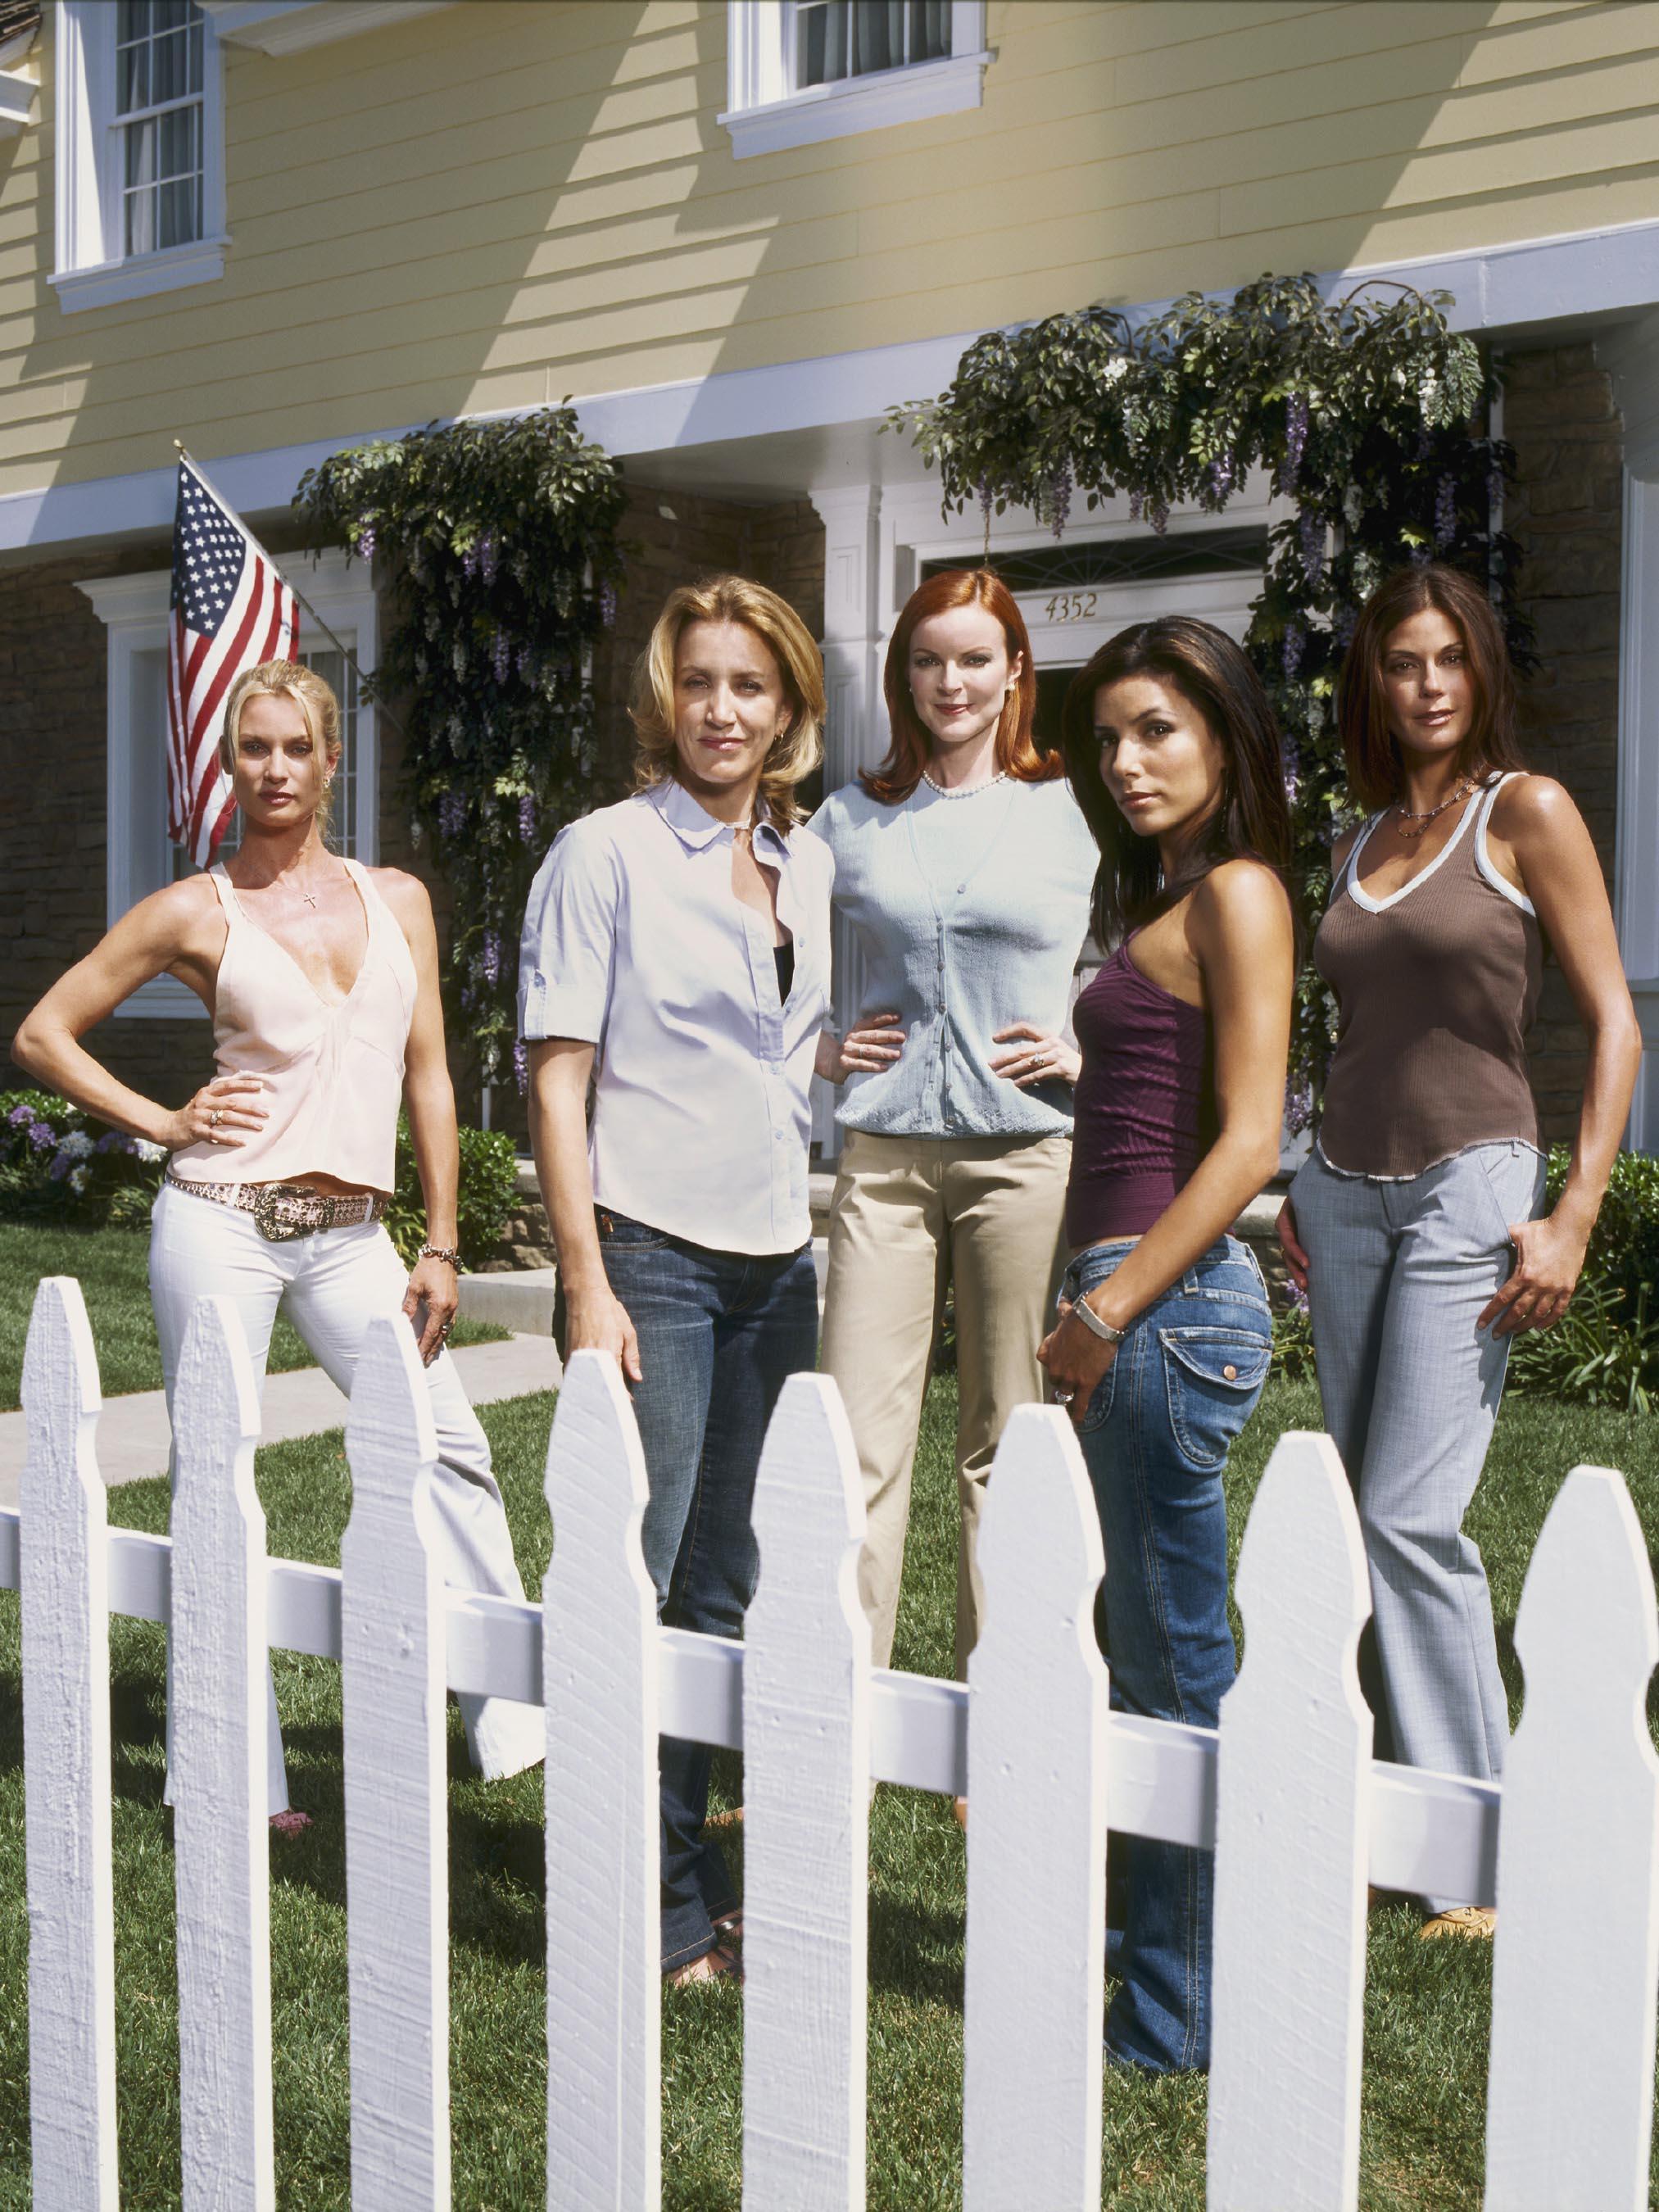 Desperate Housewives, Nicollette Sheridan, Felicity Huffman, Marcia Cross, Eva Longoria, Teri Hatcher